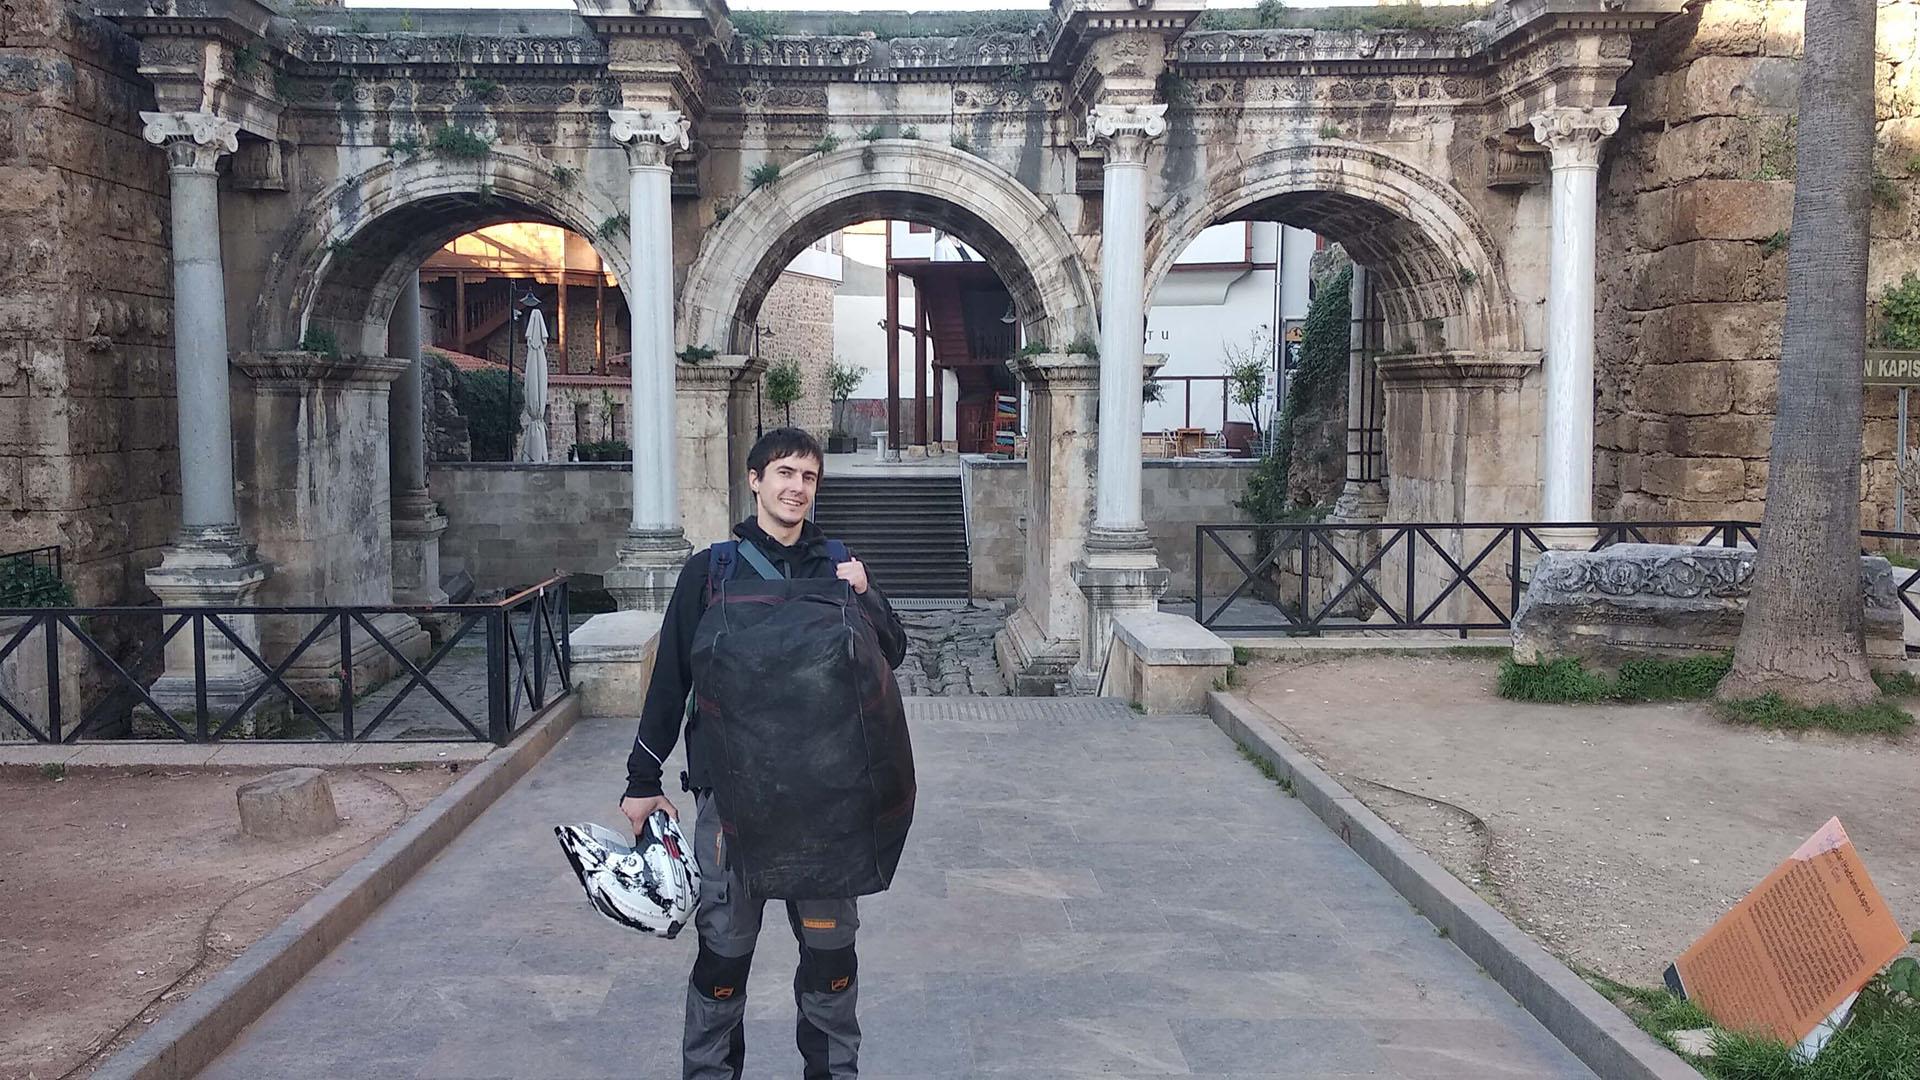 Adrian Gate, Antalya, Turkey